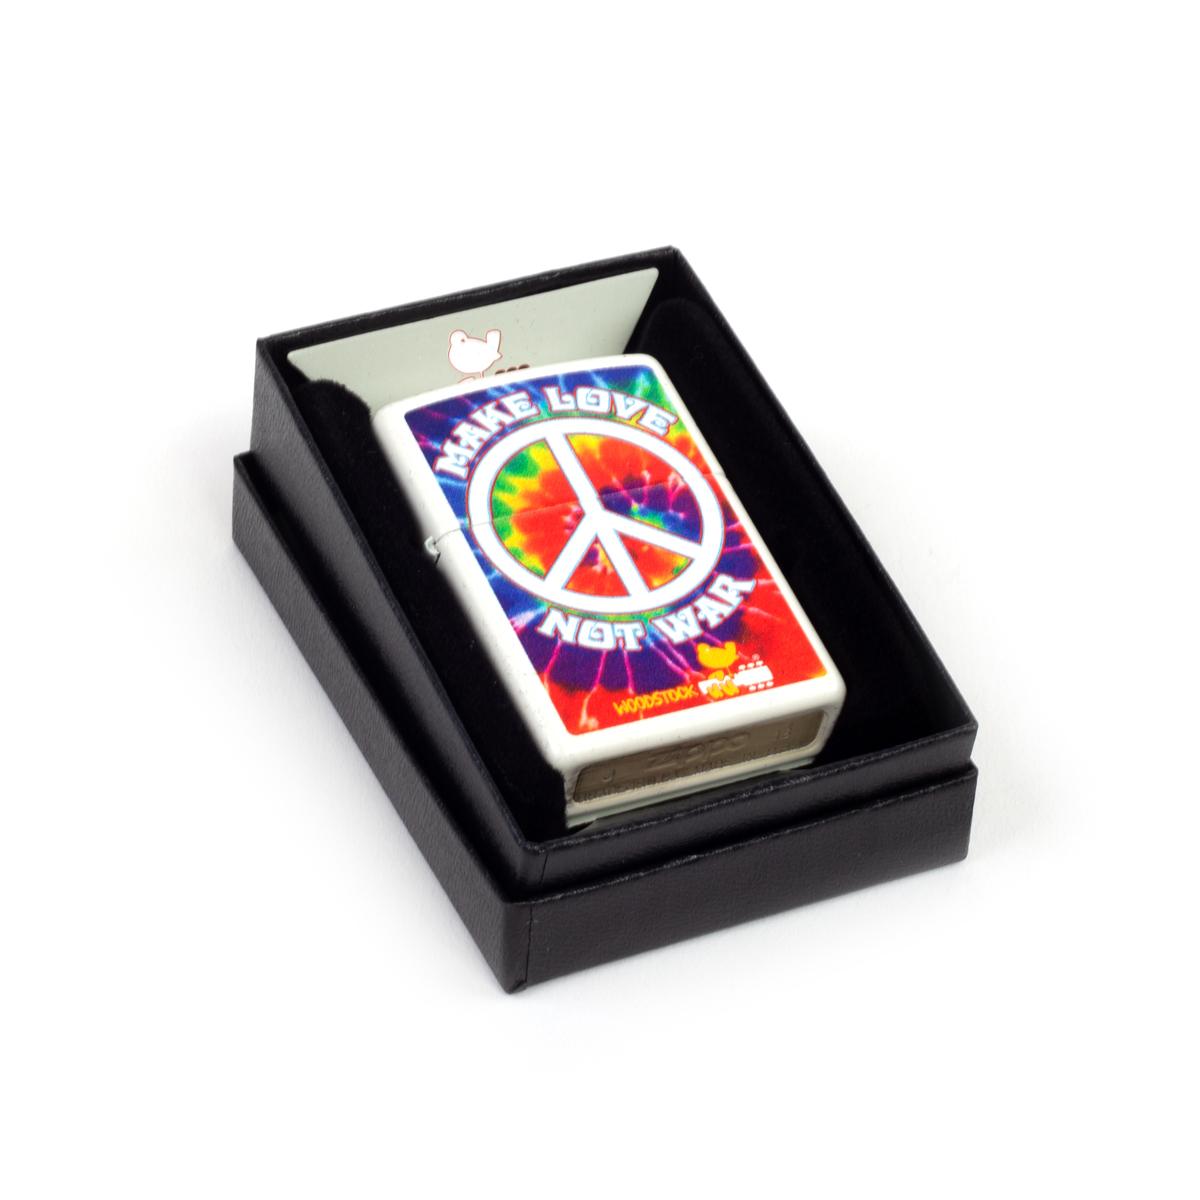 Woodstock Make Love Not War Tie Dye Zippo